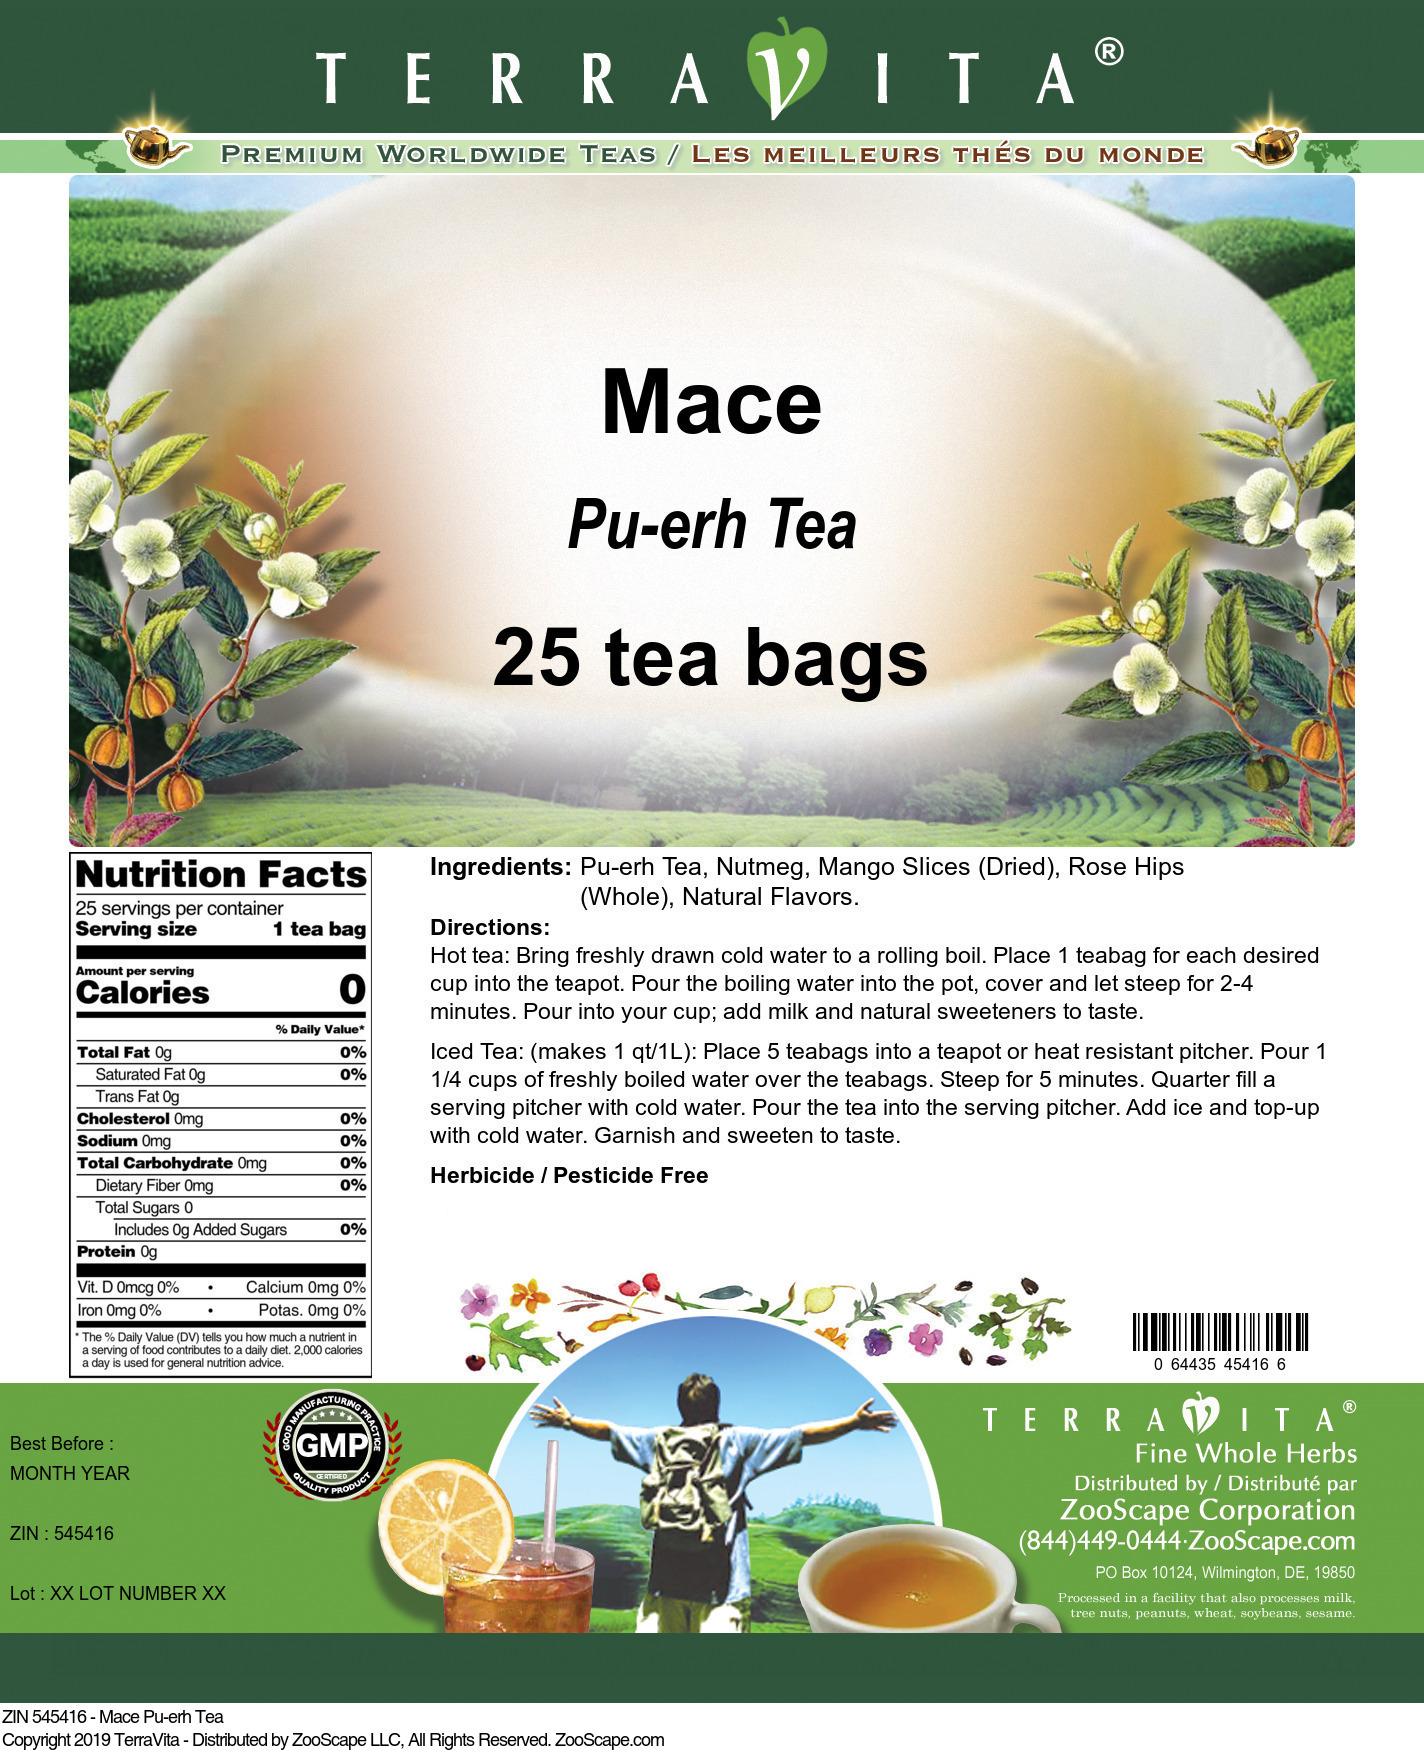 Mace Pu-erh Tea